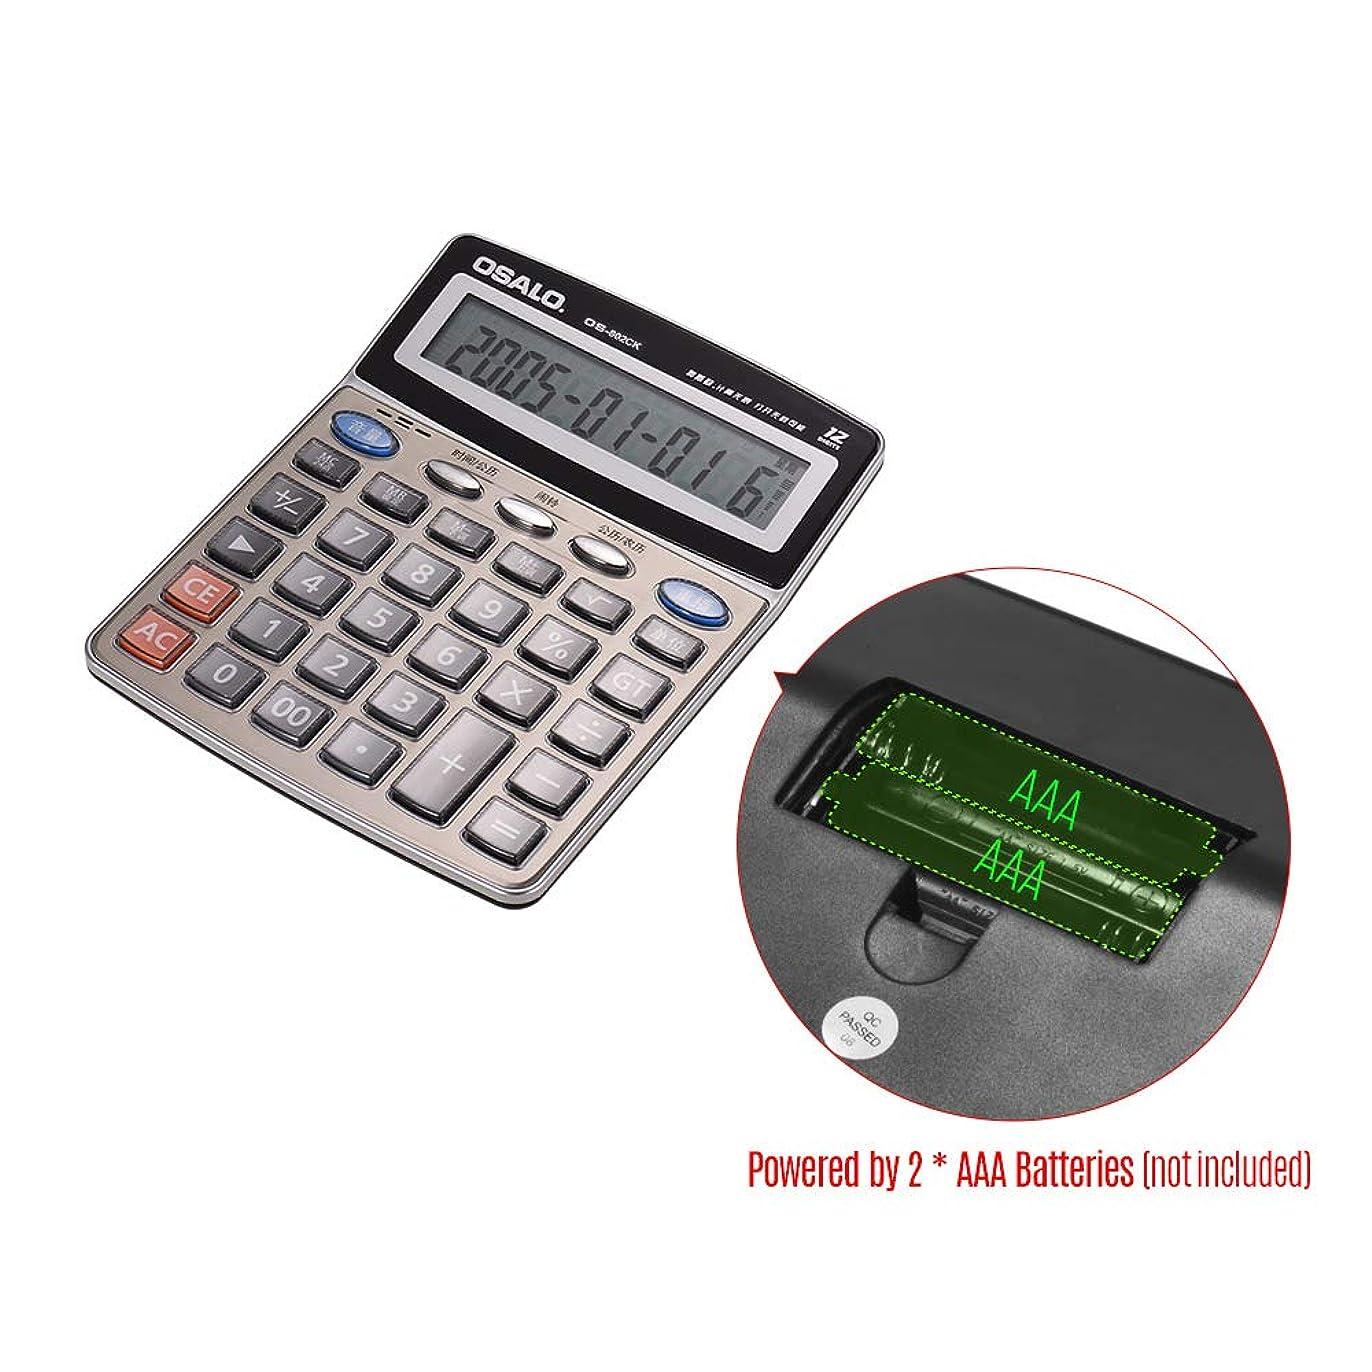 櫛通訳許可Walmeck OSALO OS-802CK 多機能音楽電子デスクトップ電卓カウンター 12桁 LCDディスプレイ 目覚まし時計カレンダー 音声読み取り機能付き ピアノ再生可能 S